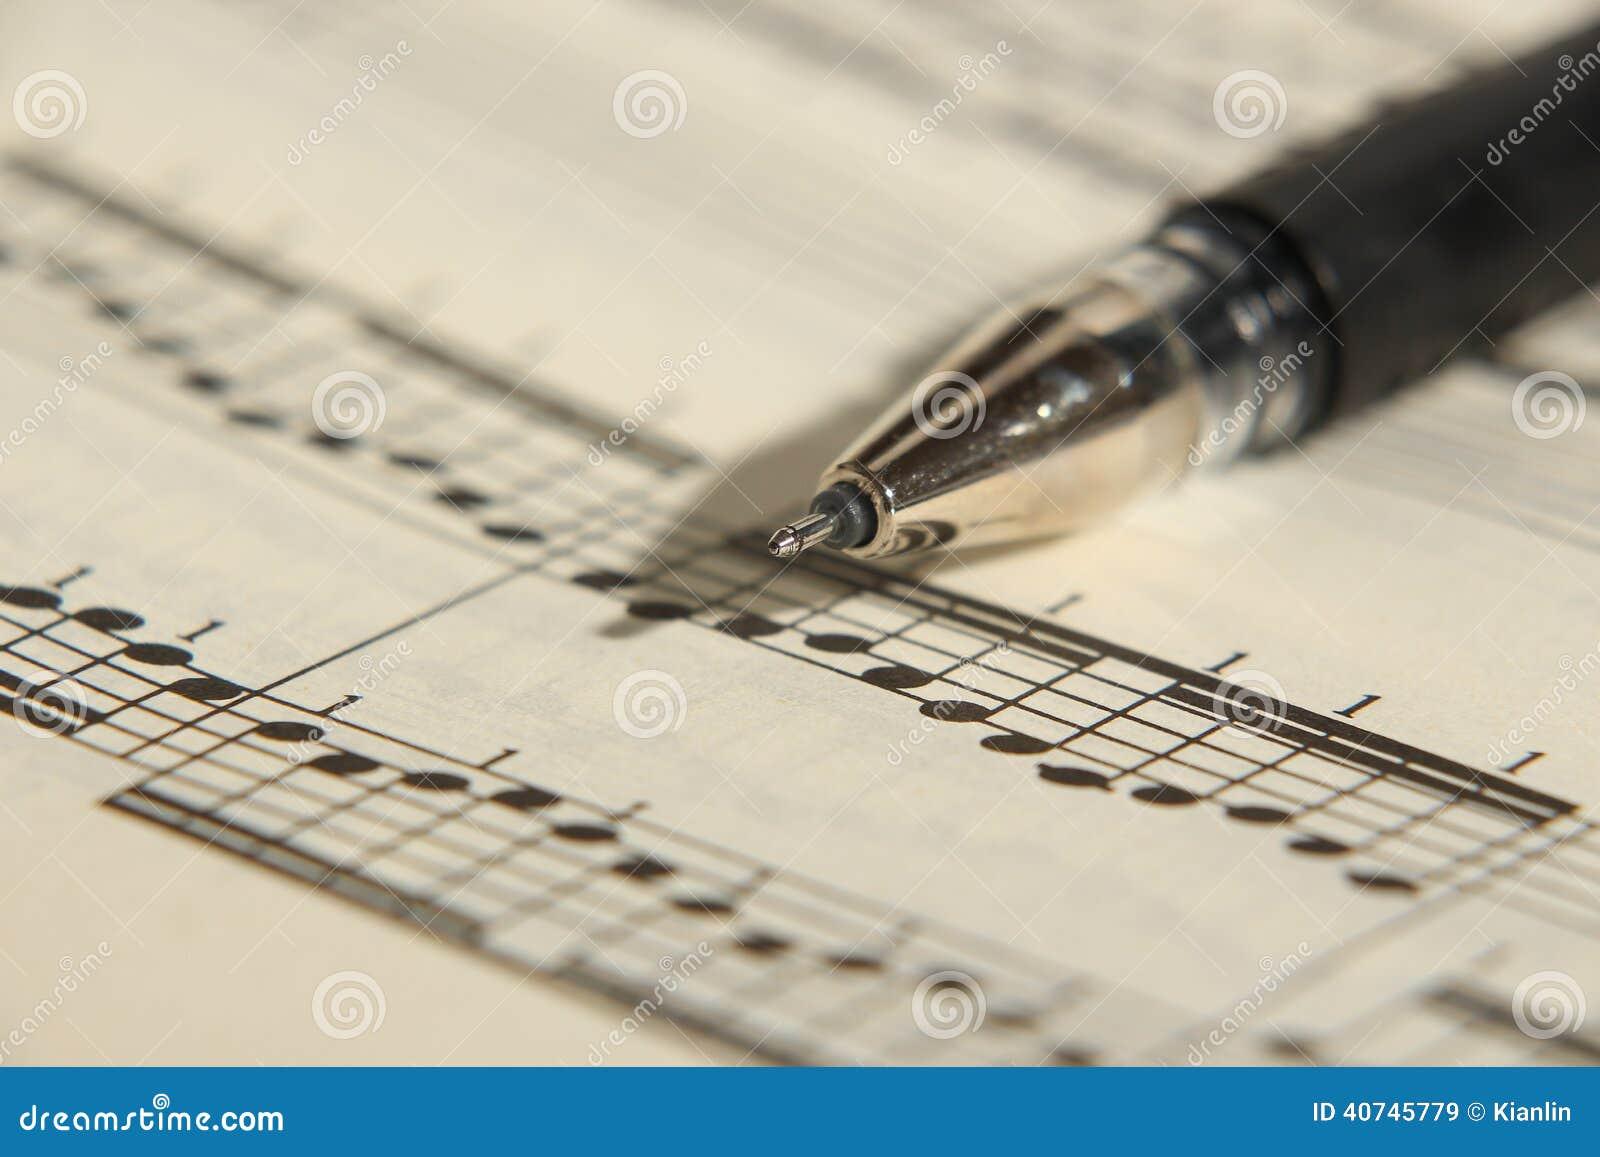 活页乐谱和笔